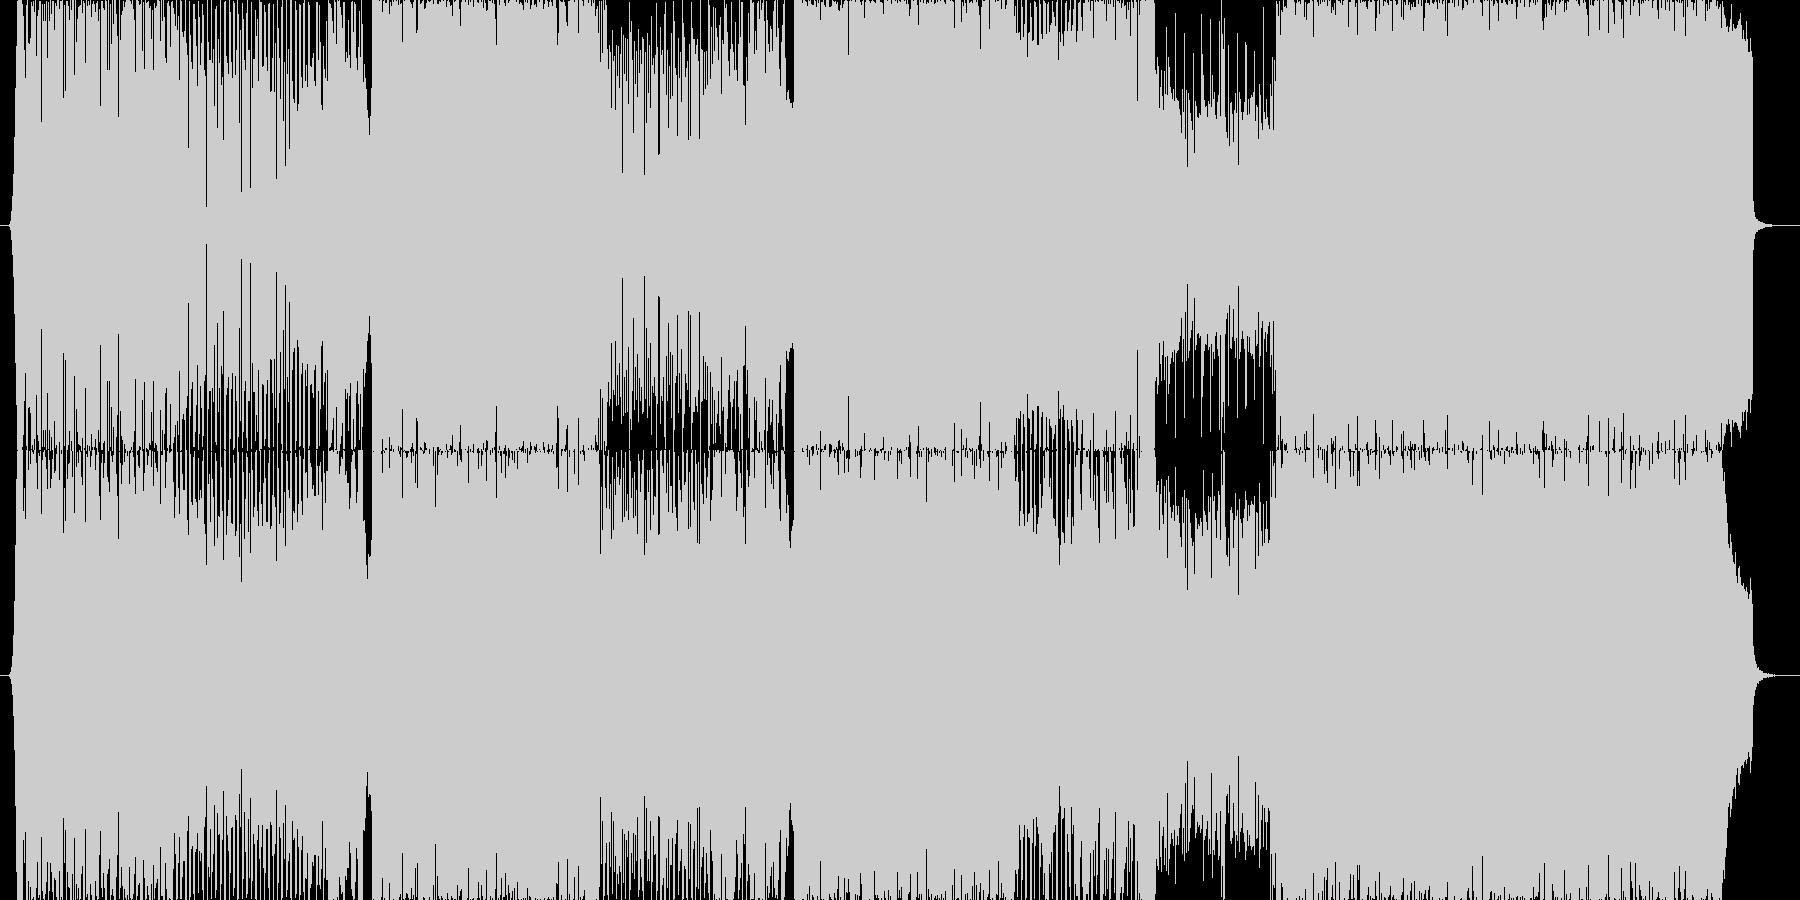 バンドにテクノ系のシンセを混ぜた楽曲の未再生の波形